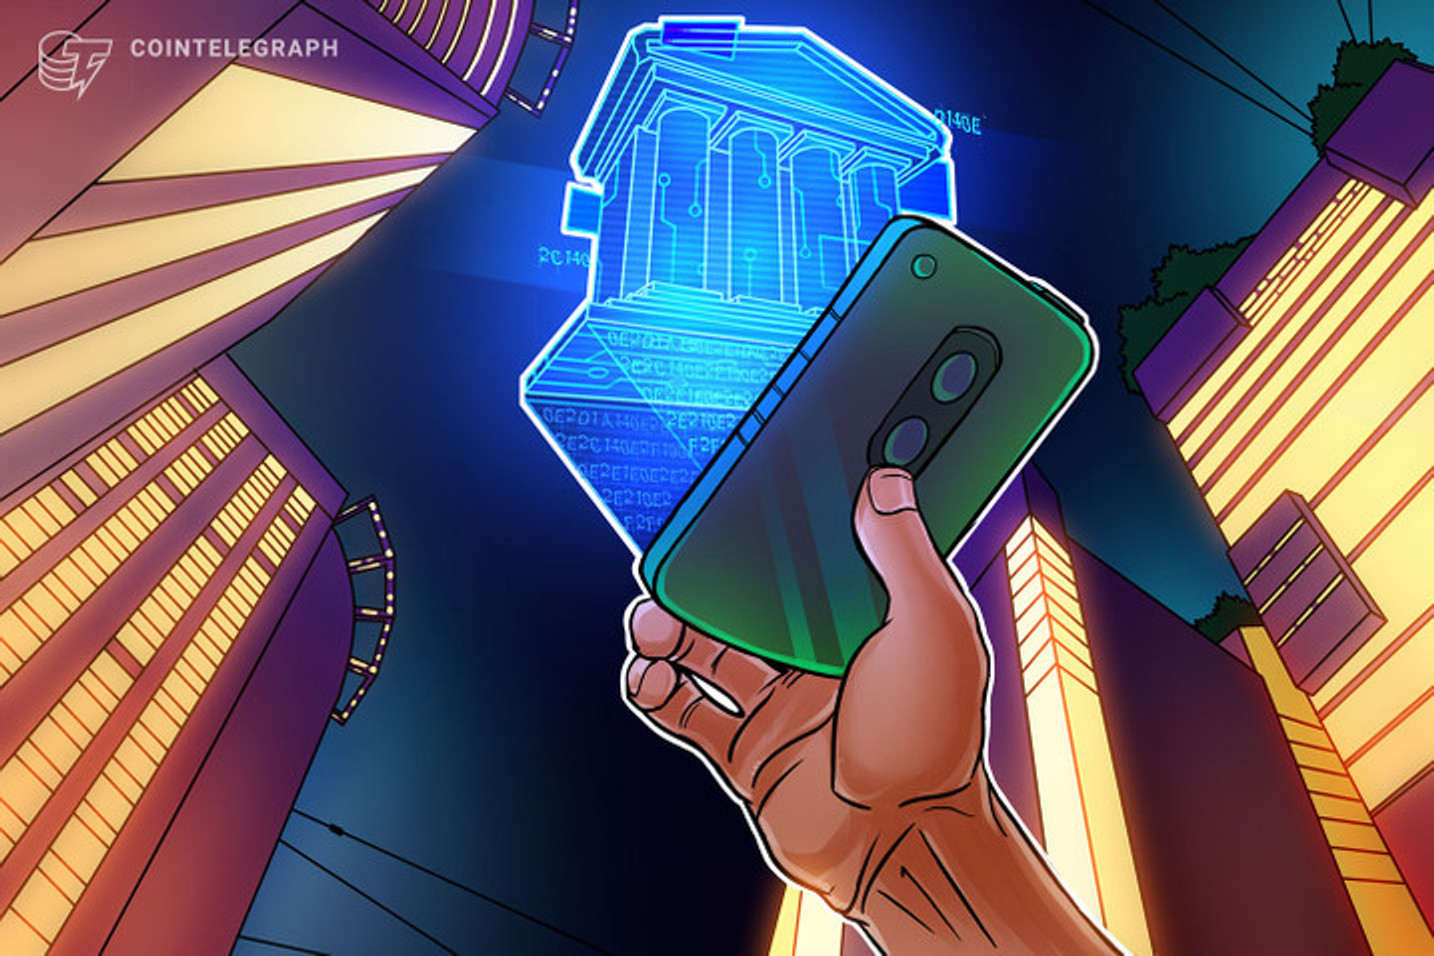 WhatsApp confirma negociação com o Banco Central para lançar pagamentos no app no Brasil 'o mais rápido possível'